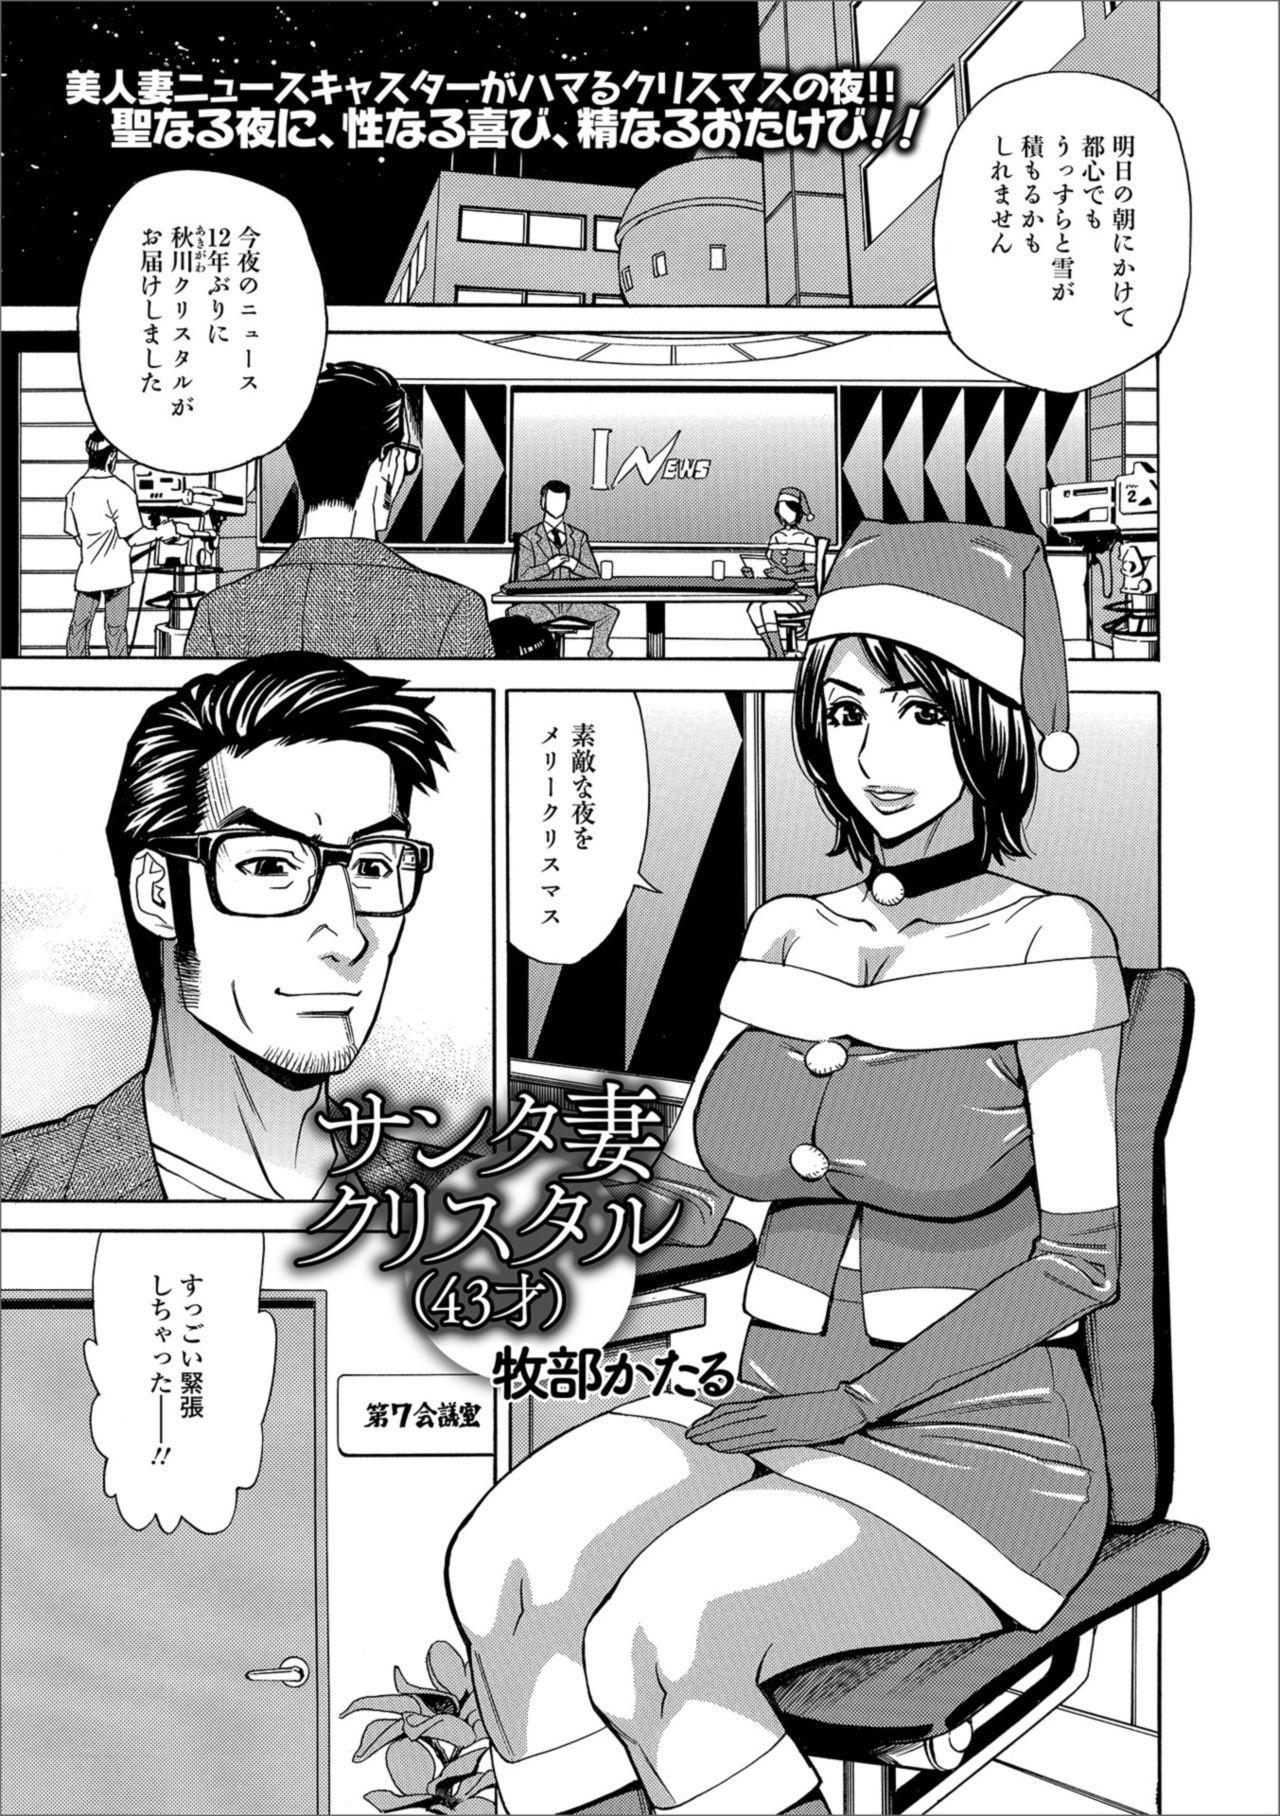 Web Haishin Gekkan Tonari no Kininaru Oku-san Vol. 019 20